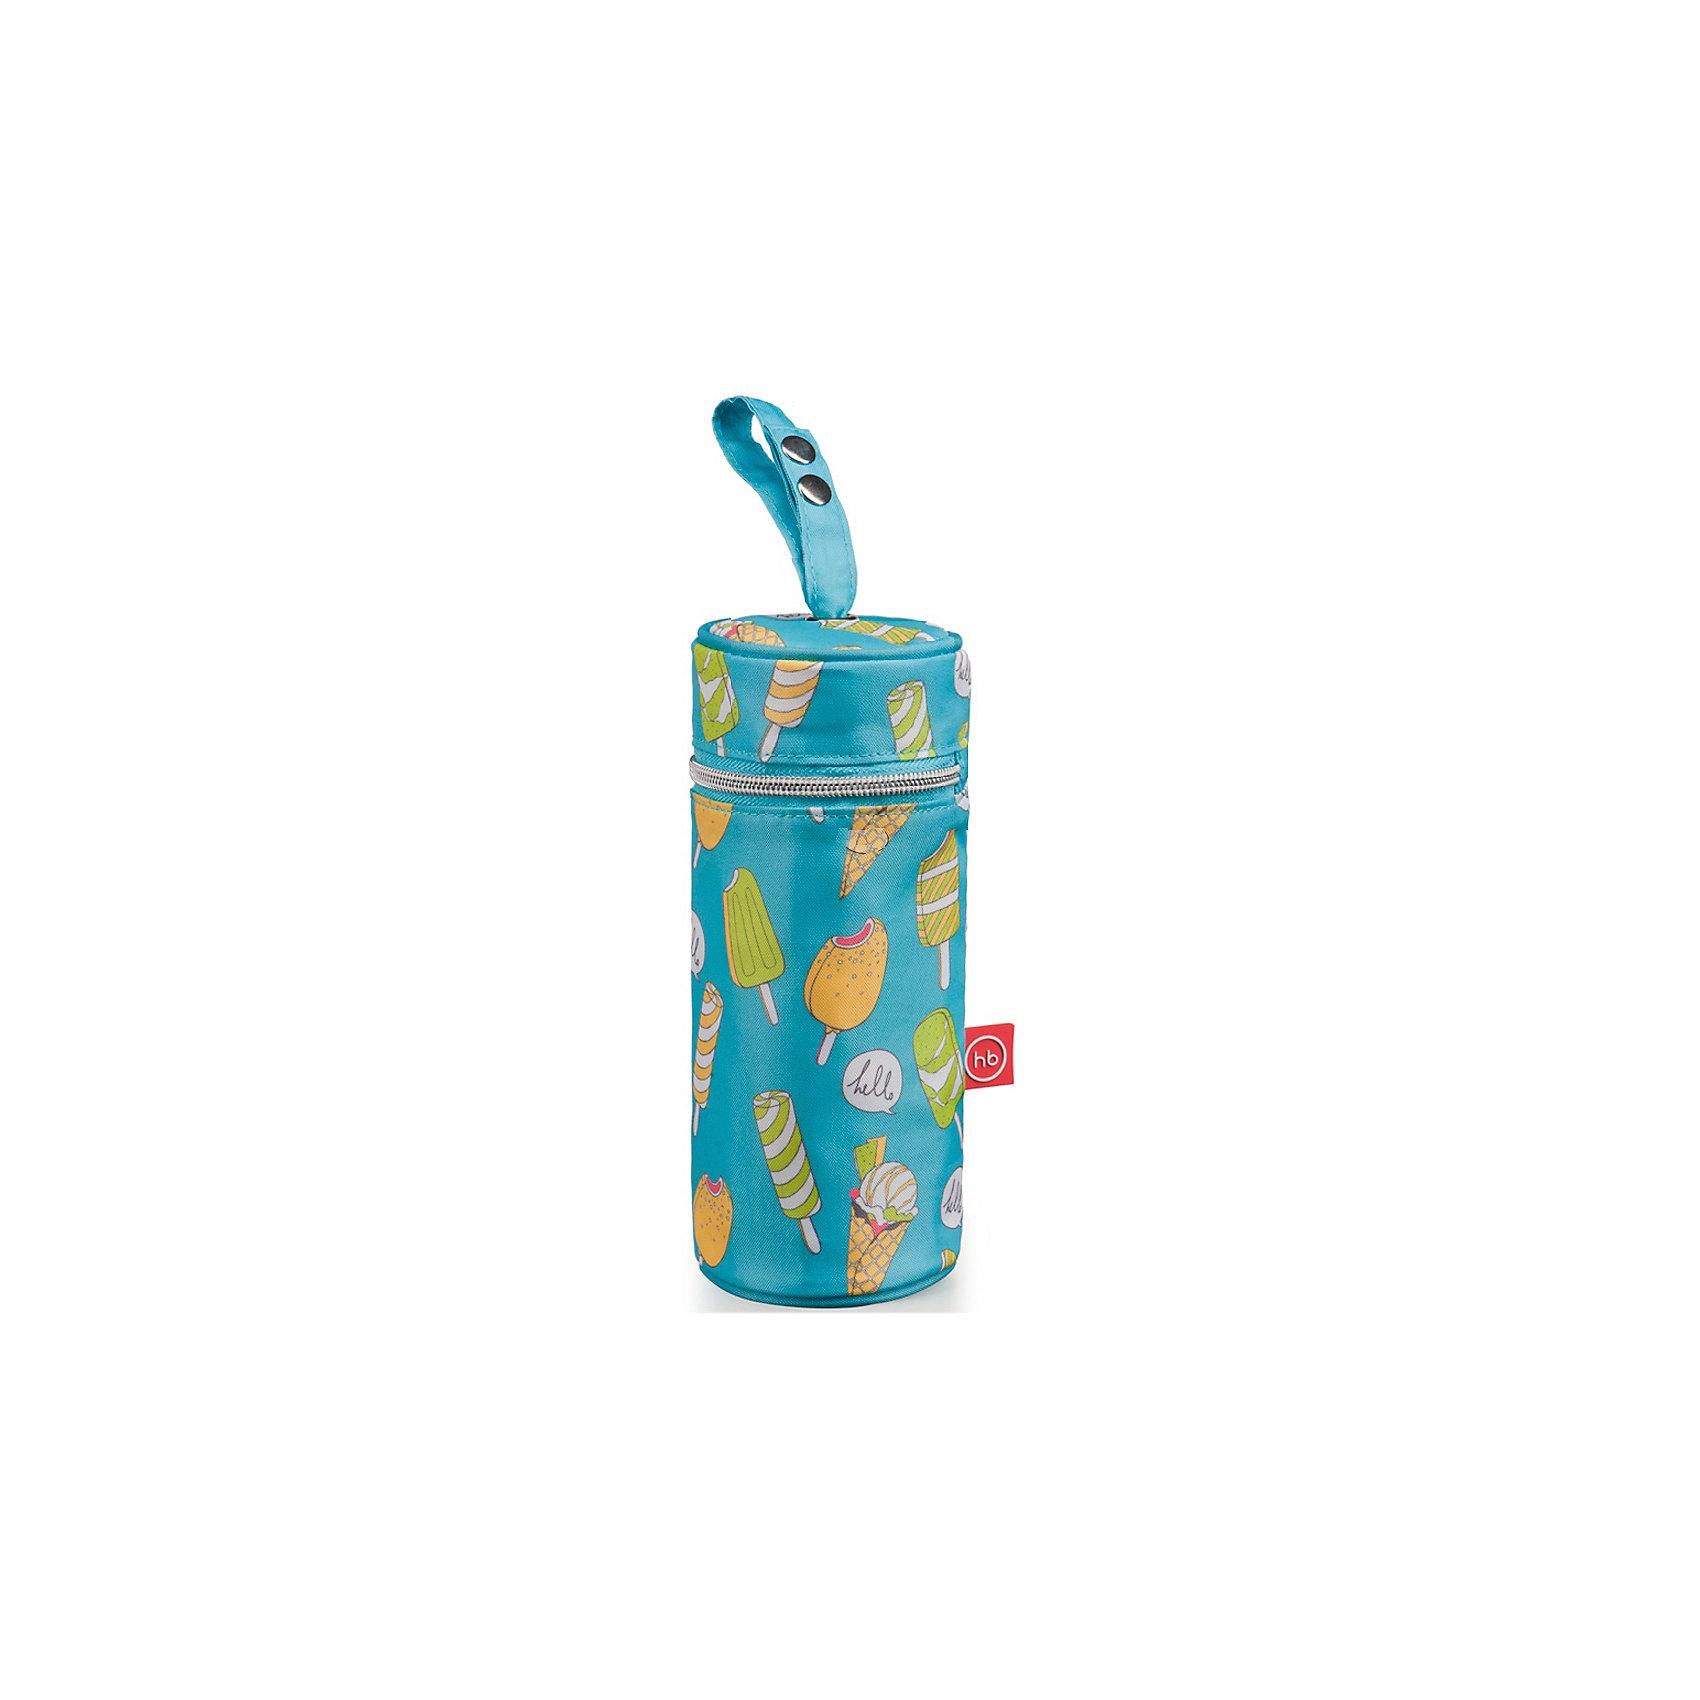 Пенал для бутылочек  BOTTLE THERMOCASE, Happy Baby,  ICE-CREAMАксессуары для бутылочек и поильников<br>Пенал для бутылочек  Bottle Thermocase торговой марки   Happy Baby- это отличный аксессуар  и помощник для мамы в поездках и на прогулках. Пенал для бутылочек дольше сохранит нужную температуру содержимого бутылочки для малыша и защищает её от повреждений. Лучший способ хранения и транспортировки охлажденной молочной смеси или теплой кипяченой воды. Футляр застёгивается на молнию и имеет удобное крепление.<br><br>Особенности:<br><br>- защищает от повреждений<br><br>- дольше сохраняет температуру питья<br><br>- удобное крепление на кнопке<br><br>- подходит для всех бутылочек<br><br>- материал: полиэстер, фольгированная ткань<br><br>Дополнительная информация: <br><br>- тип пенал для бутылочки<br>- страна Китай<br>- упаковка пакет<br>- возраст ребенка от 0 месяцев<br>- материал полиэстер<br>- размер упаковки 12 x 9 x 21<br>- вес в упаковке55 , г<br><br>Пенал для бутылочек  BOTTLE THERMOCASE, торговой марки Happy Baby можно купить в нашем интернет магазине.<br><br>Ширина мм: 90<br>Глубина мм: 180<br>Высота мм: 250<br>Вес г: 68<br>Возраст от месяцев: 0<br>Возраст до месяцев: 36<br>Пол: Унисекс<br>Возраст: Детский<br>SKU: 4980399